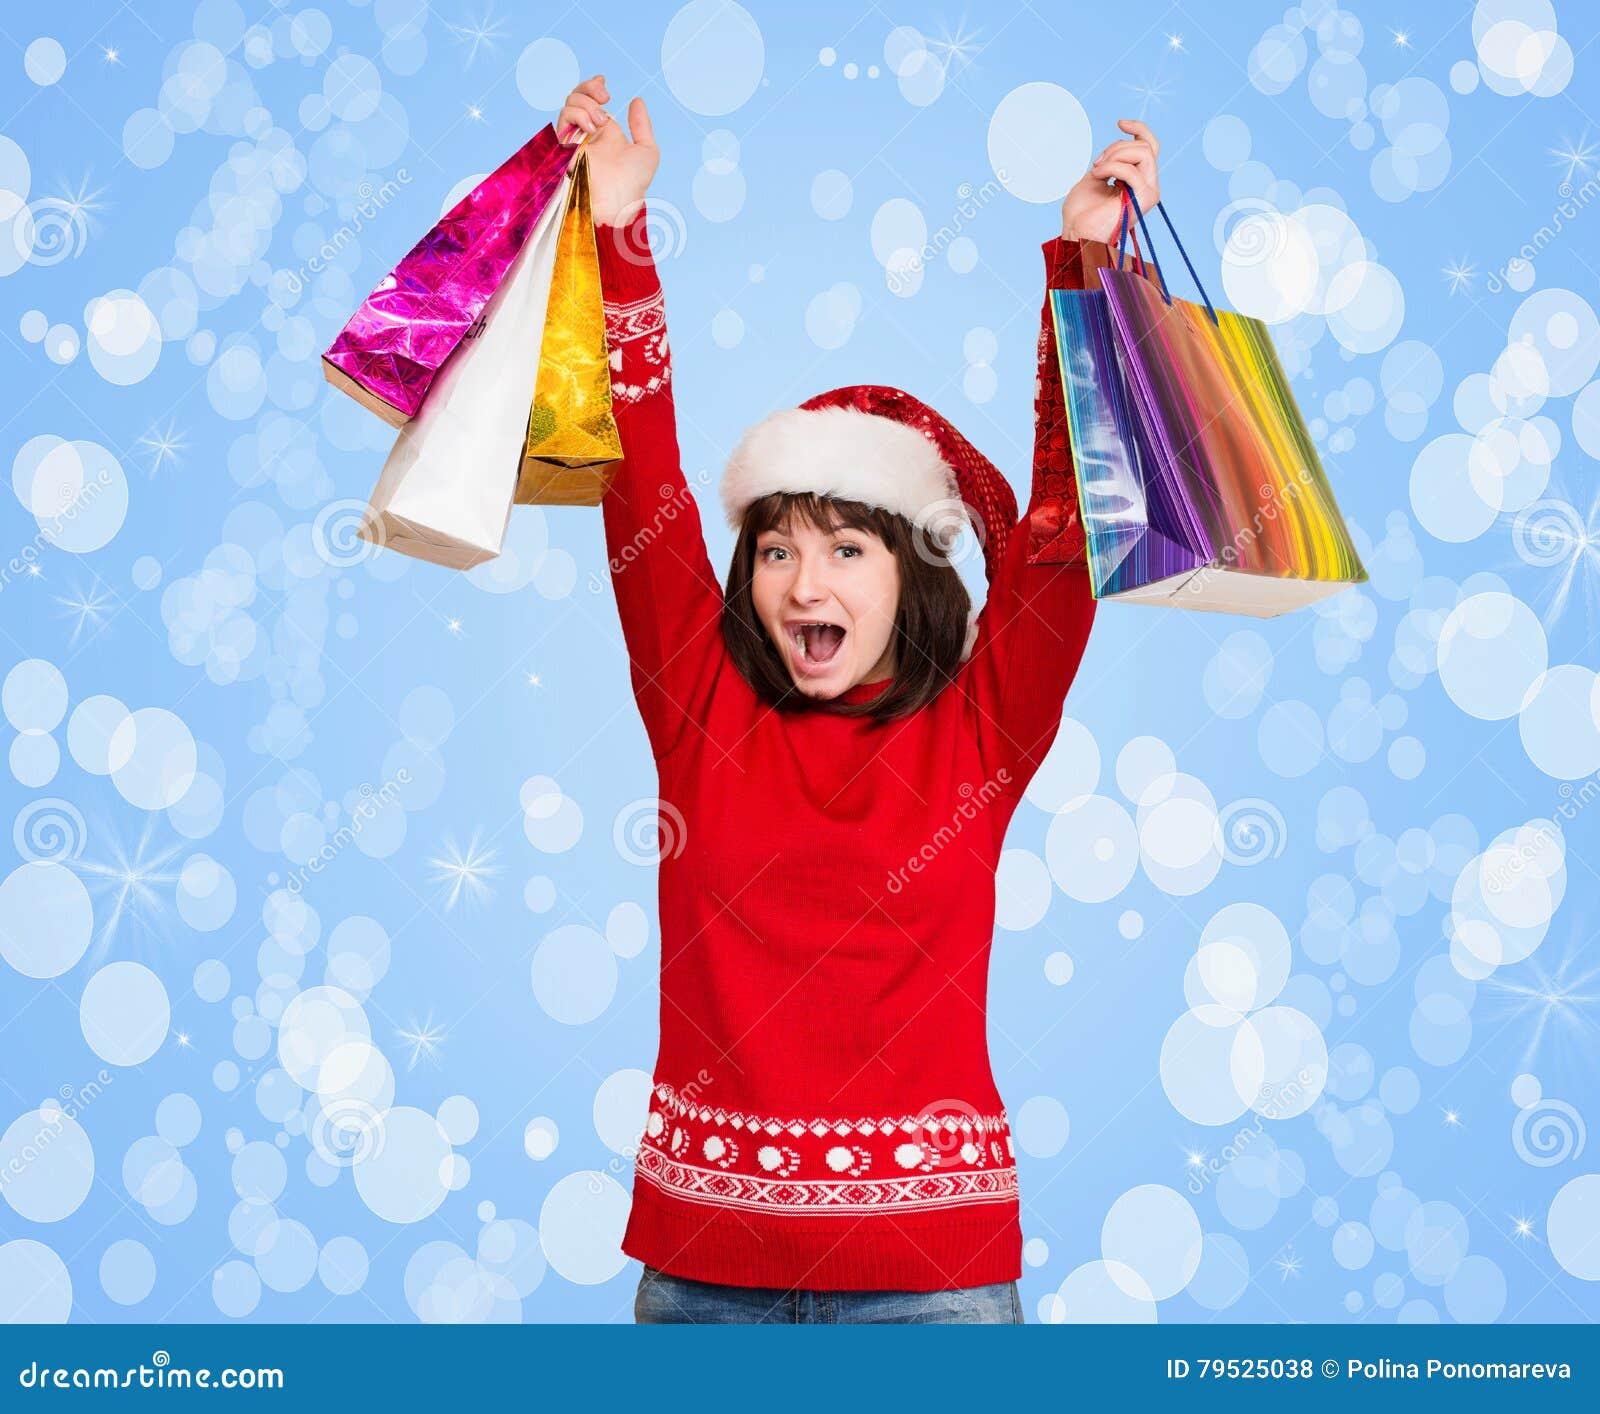 Jeune fille avec un chapeau de Santa de Noël sur sa tête, tenant le shopp